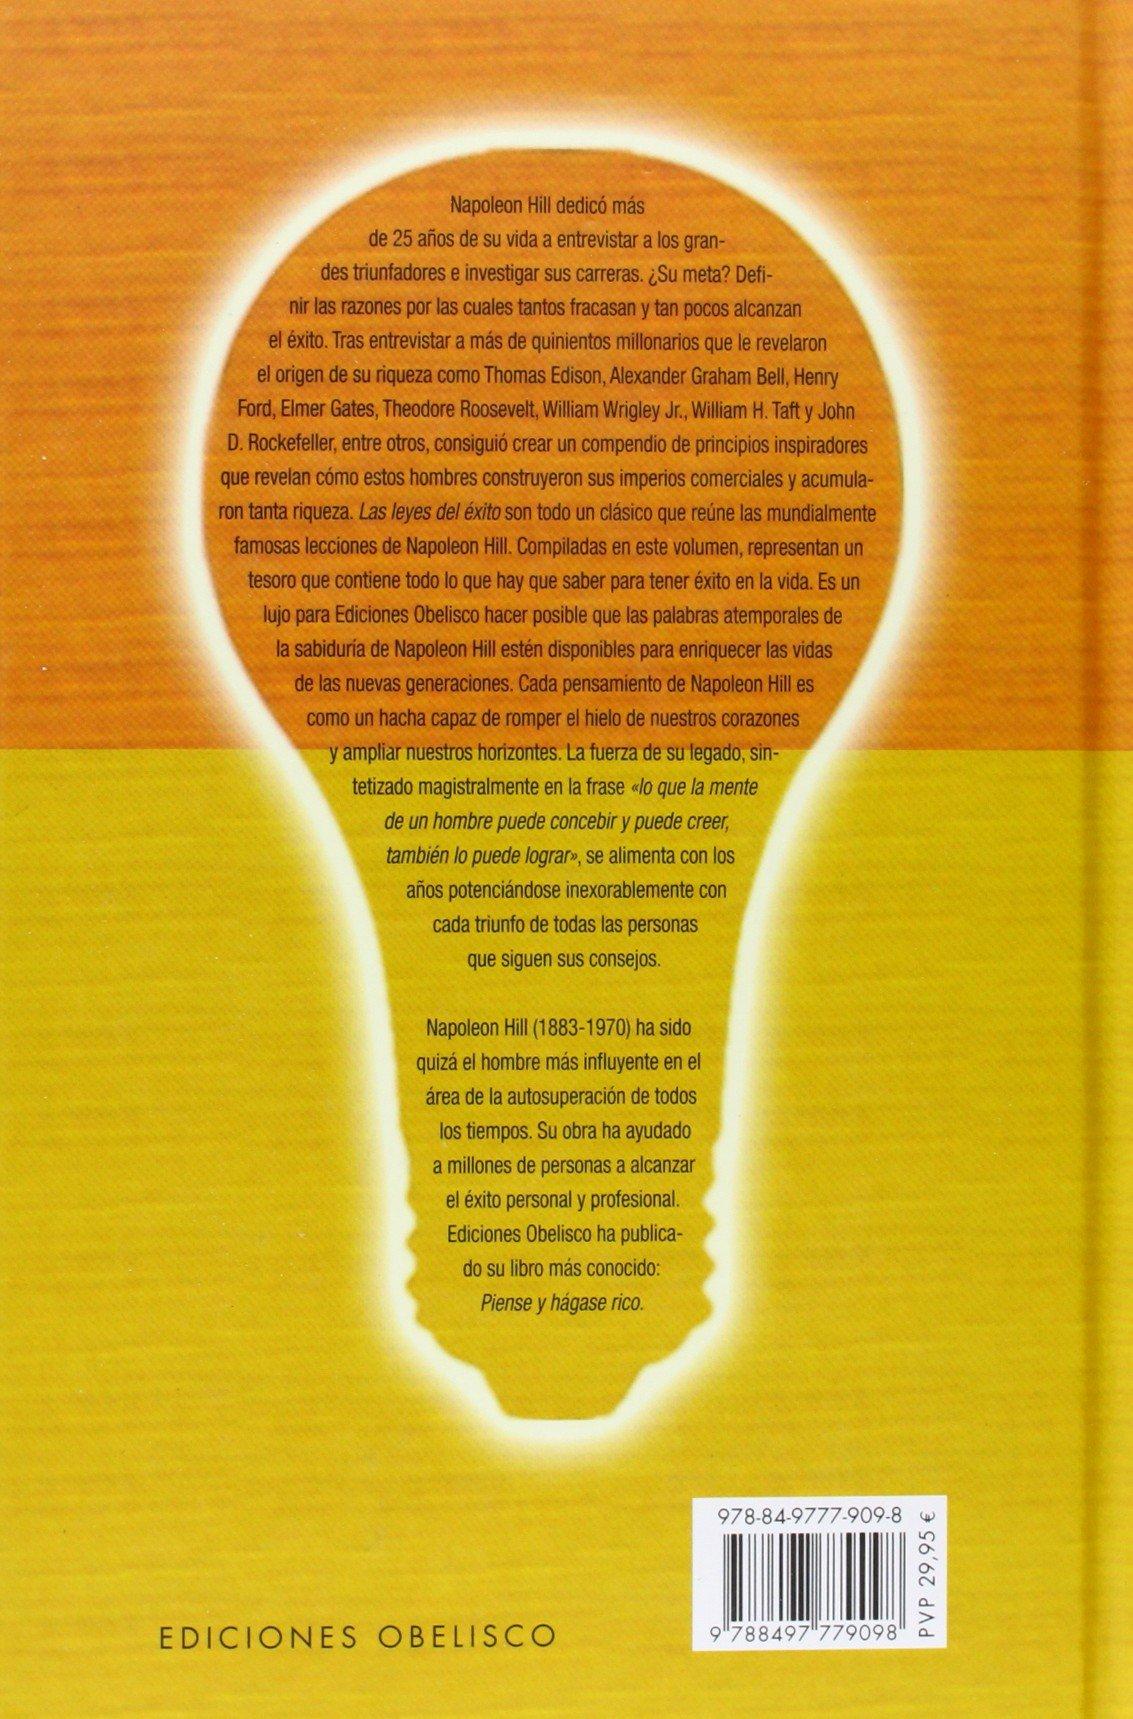 Las leyes del éxito (EXITO): Amazon.es: NAPOLEON HILL, Verónica d'Ornellas  Radziwil: Libros